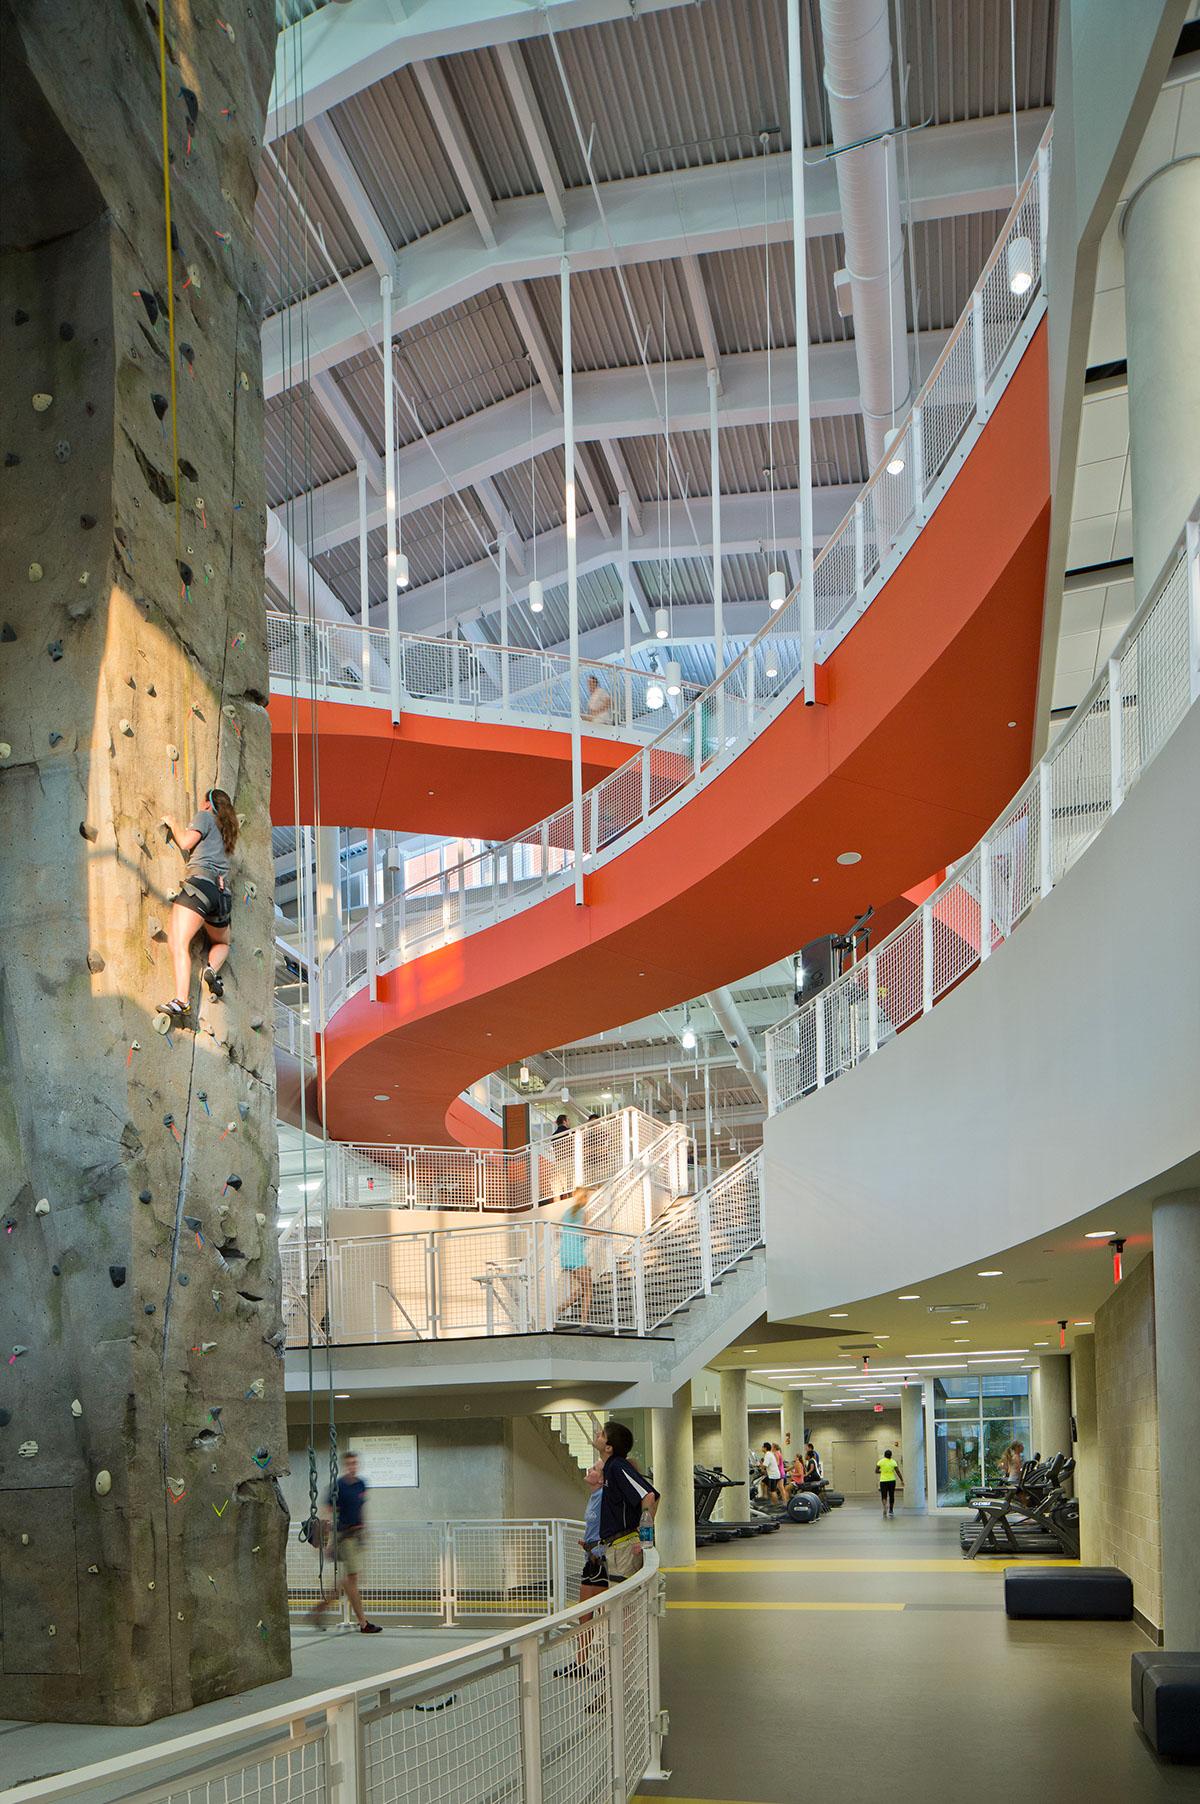 Http://stock.feinknopf.com/gallery/Auburn University  Recreation Wellness Center/G0000QjhIBsi.JV8